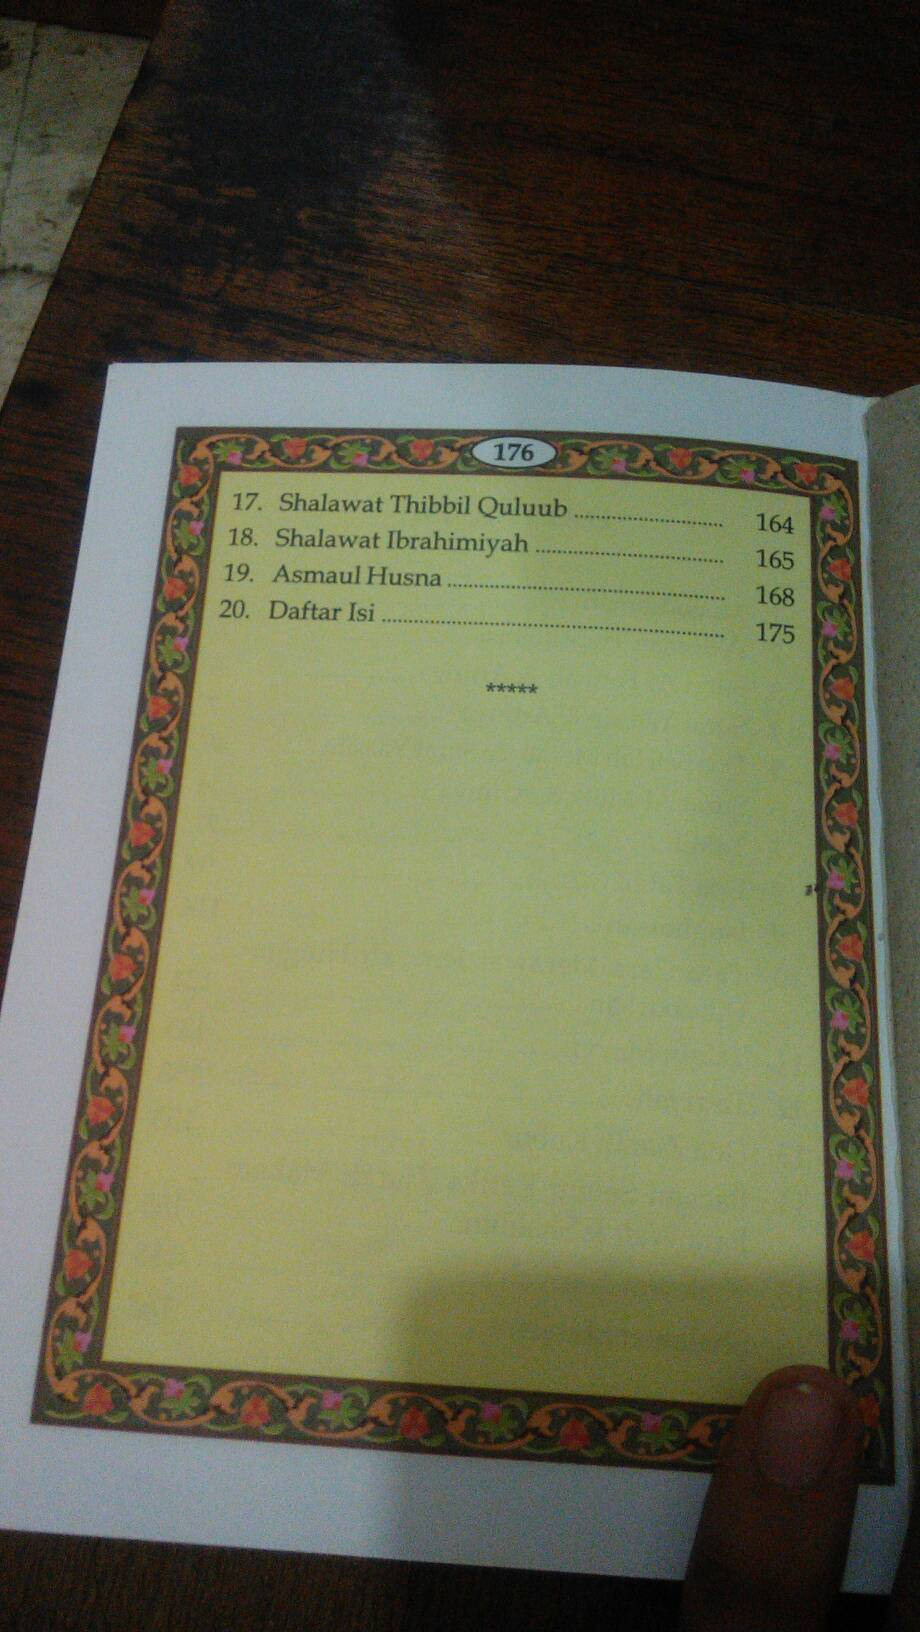 Yasin Tanpa Cover 176 Hal